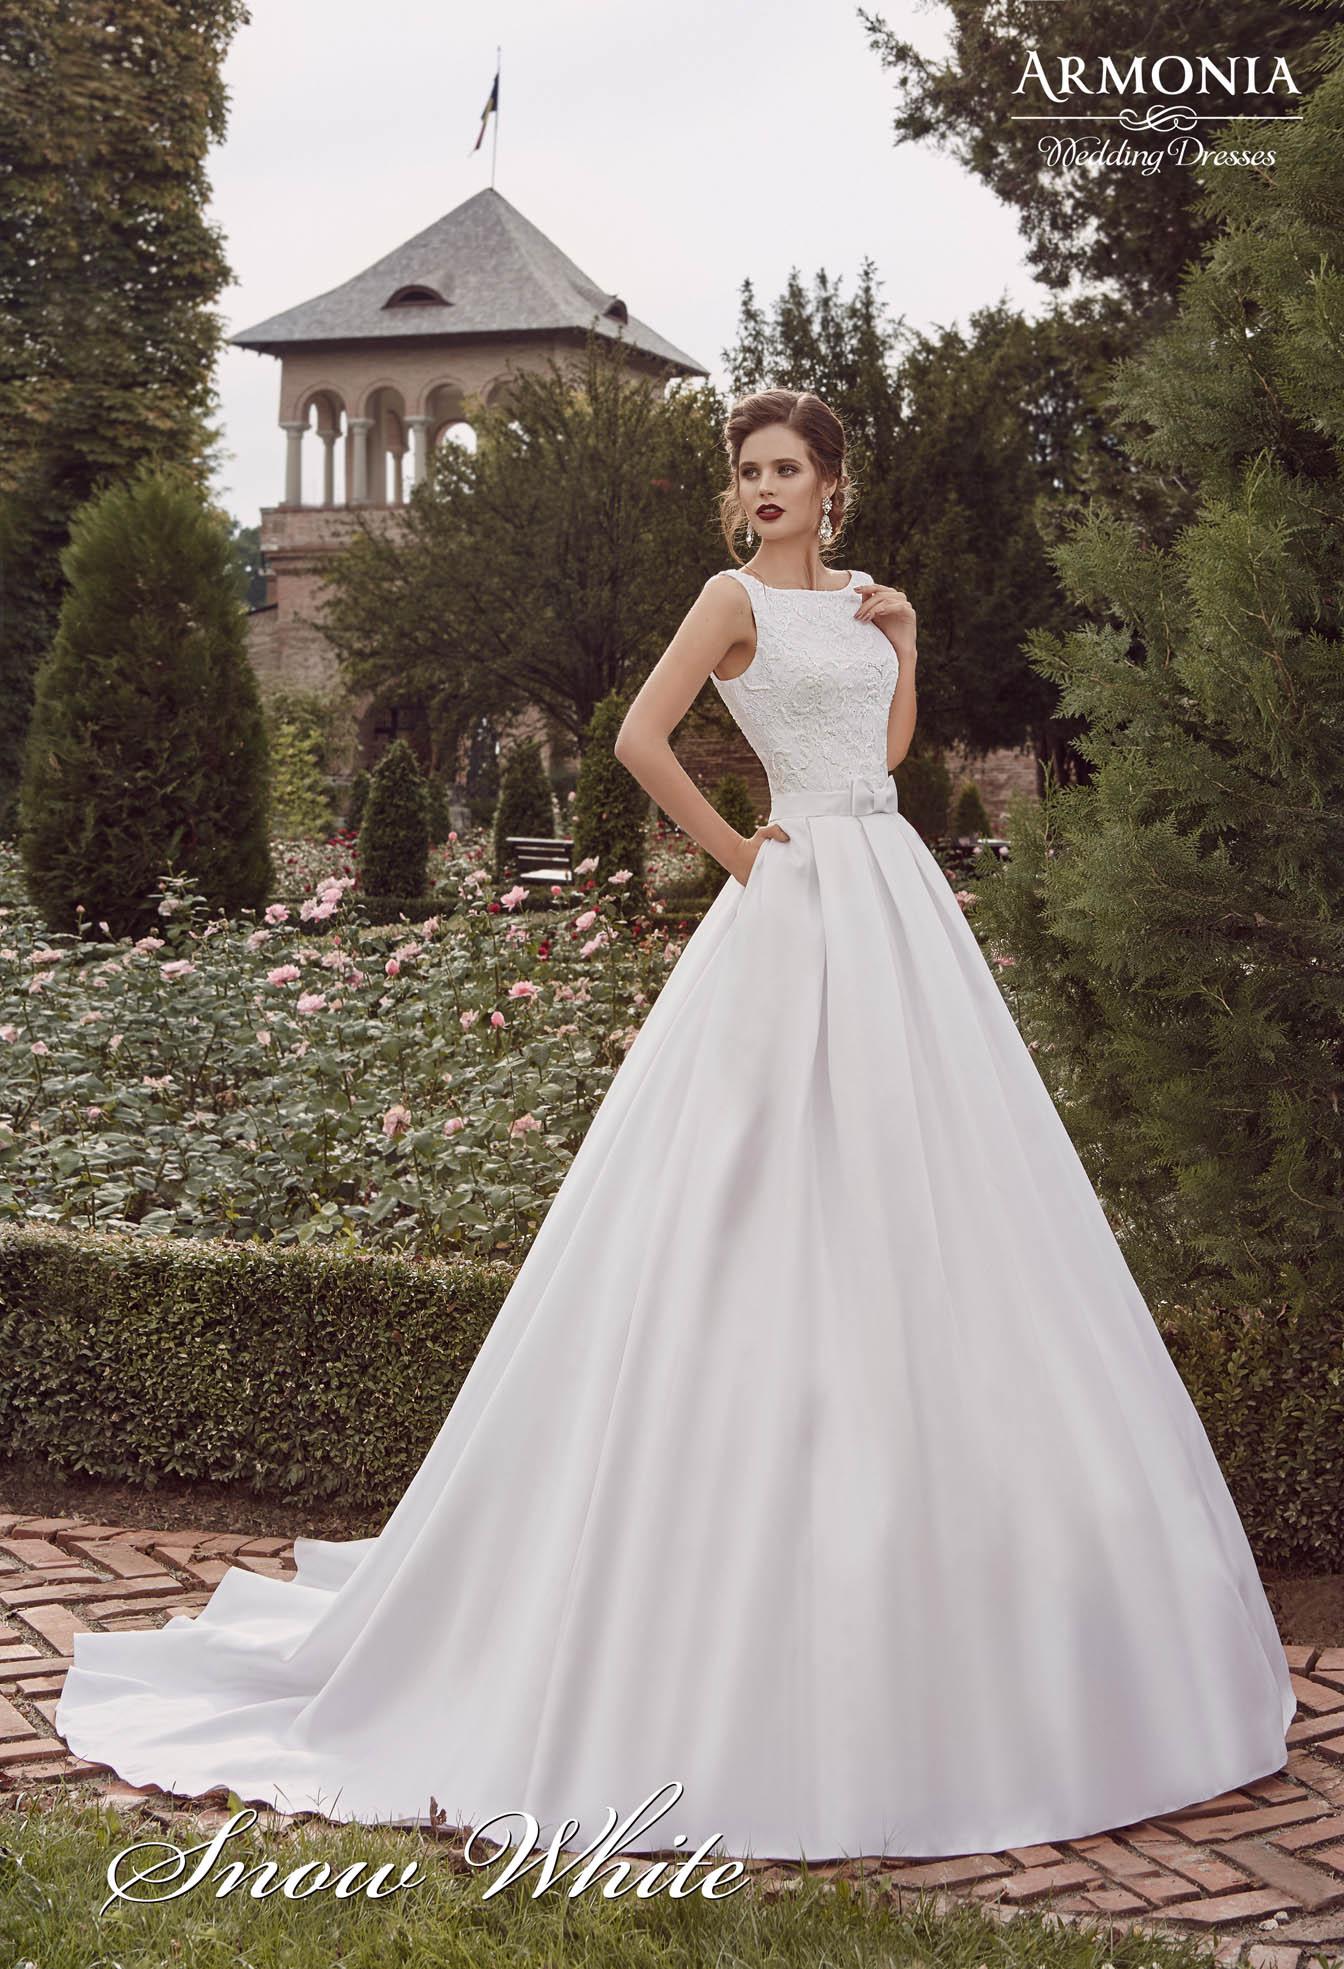 Cвадебное платье Snow White Armonia